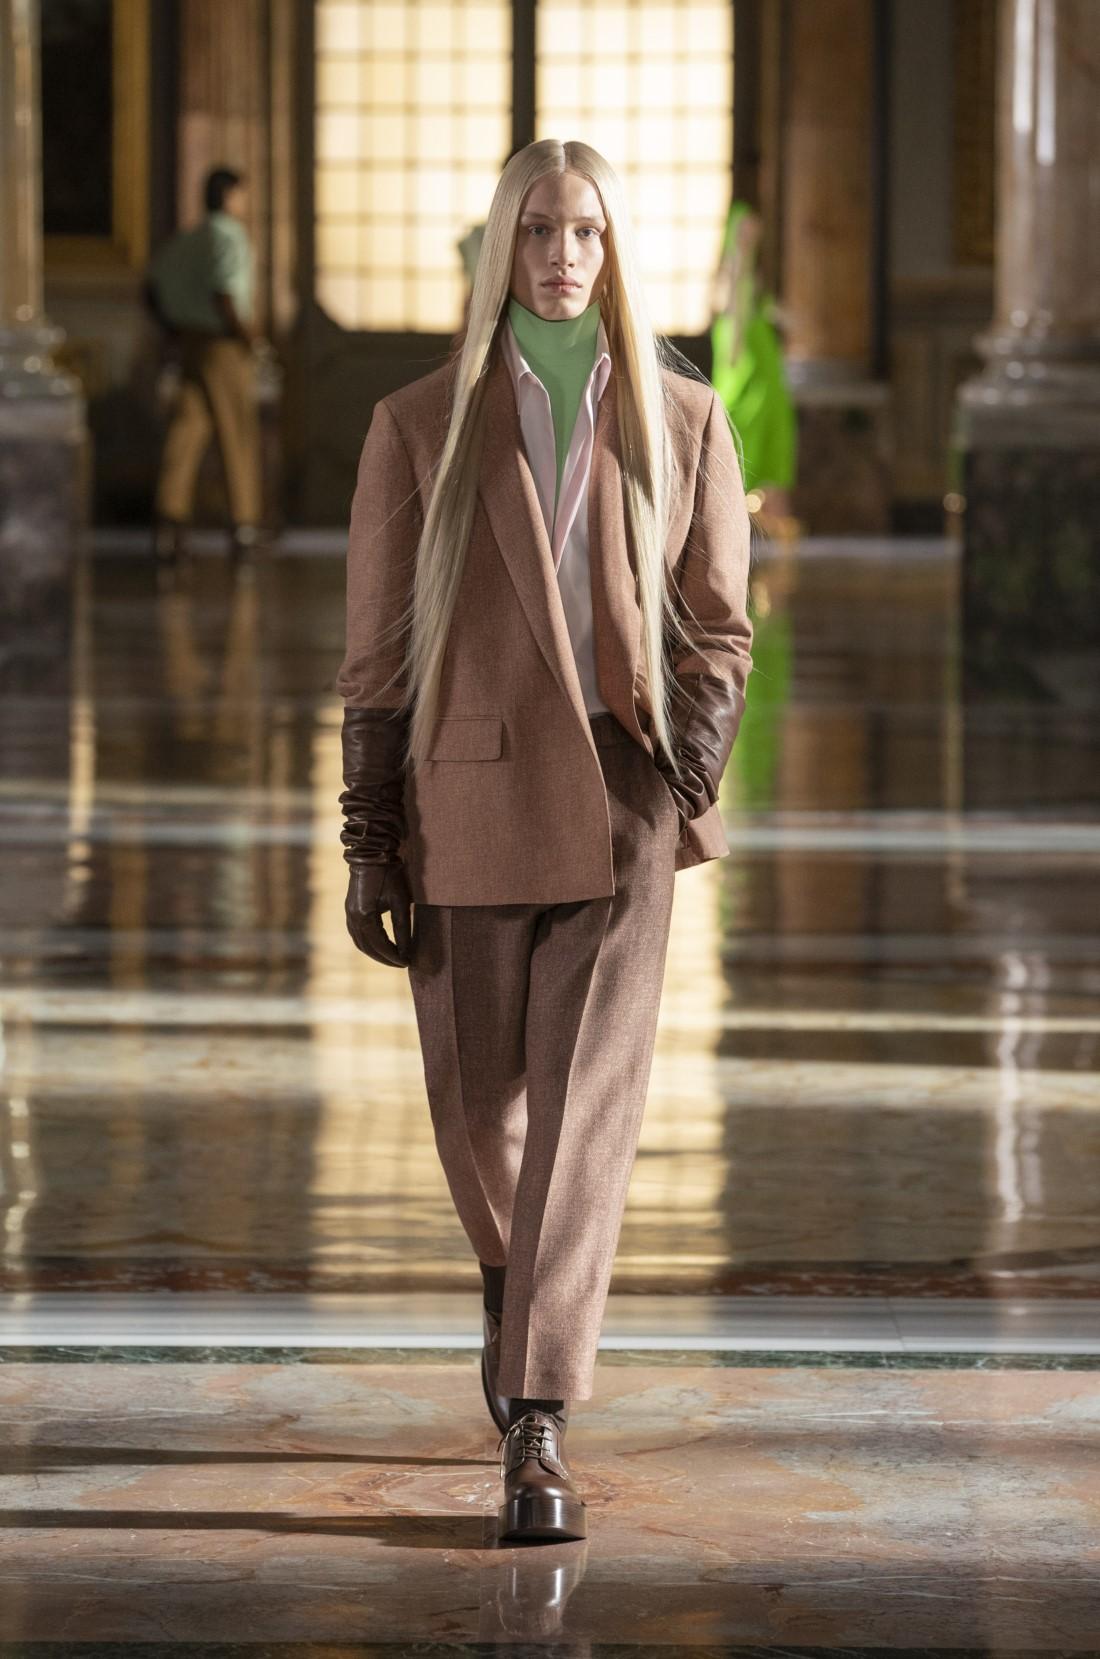 Valentino - Haute Couture - Printemps-Été 2021 - Paris Fashion Week